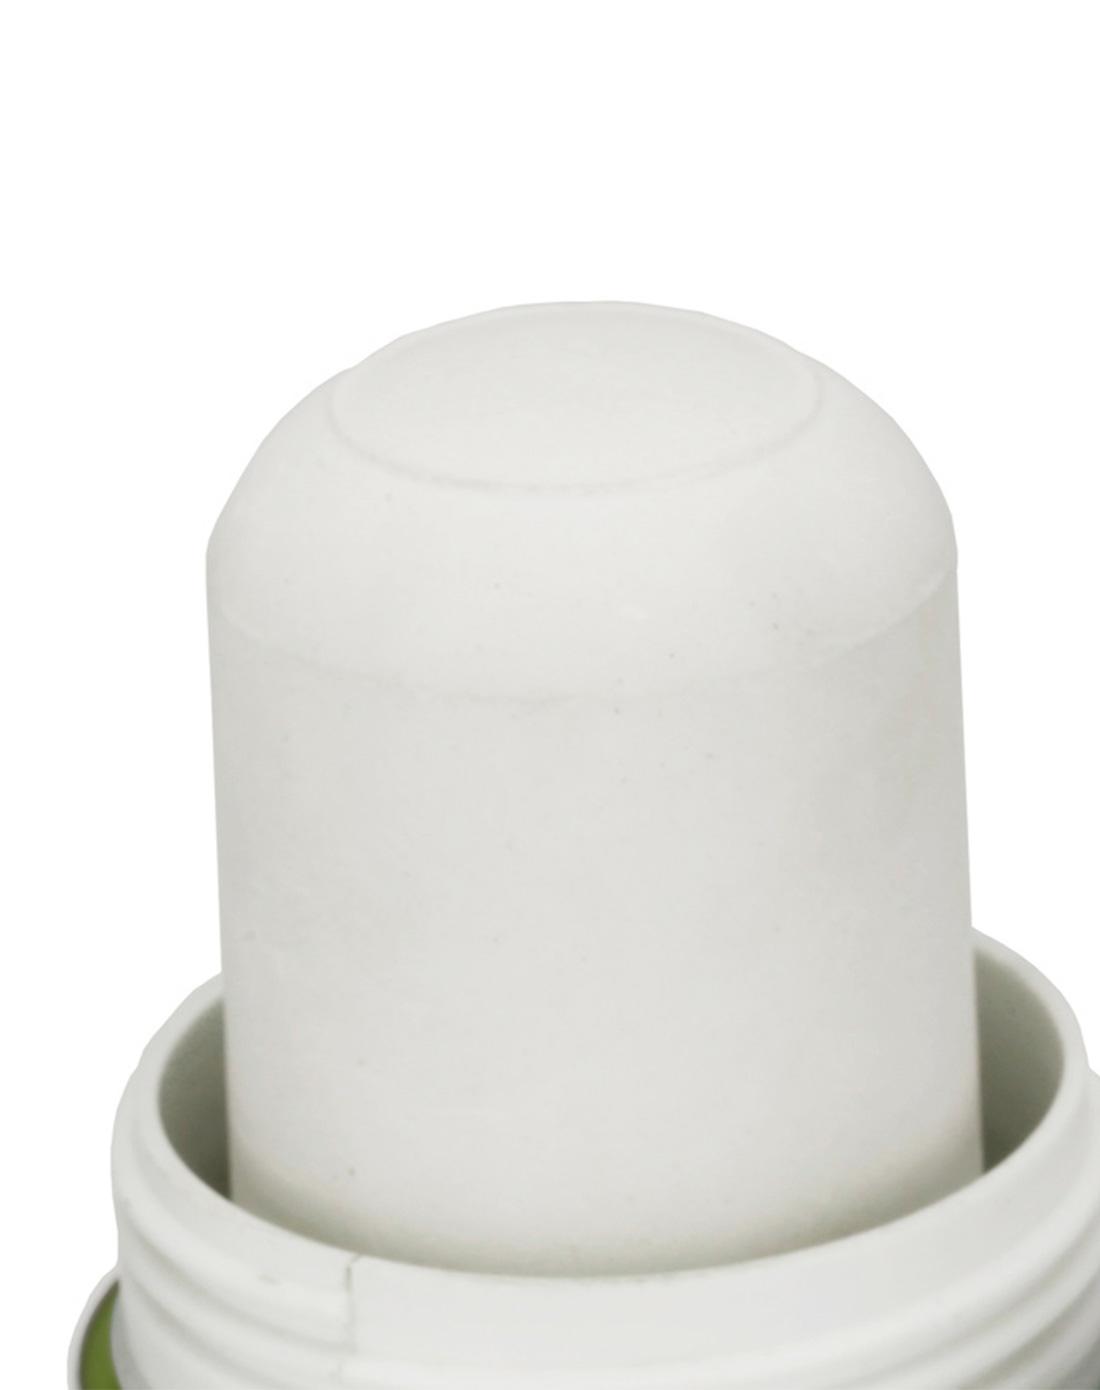 滤芯陶瓷奔腾净水器专用qx t54高清图片